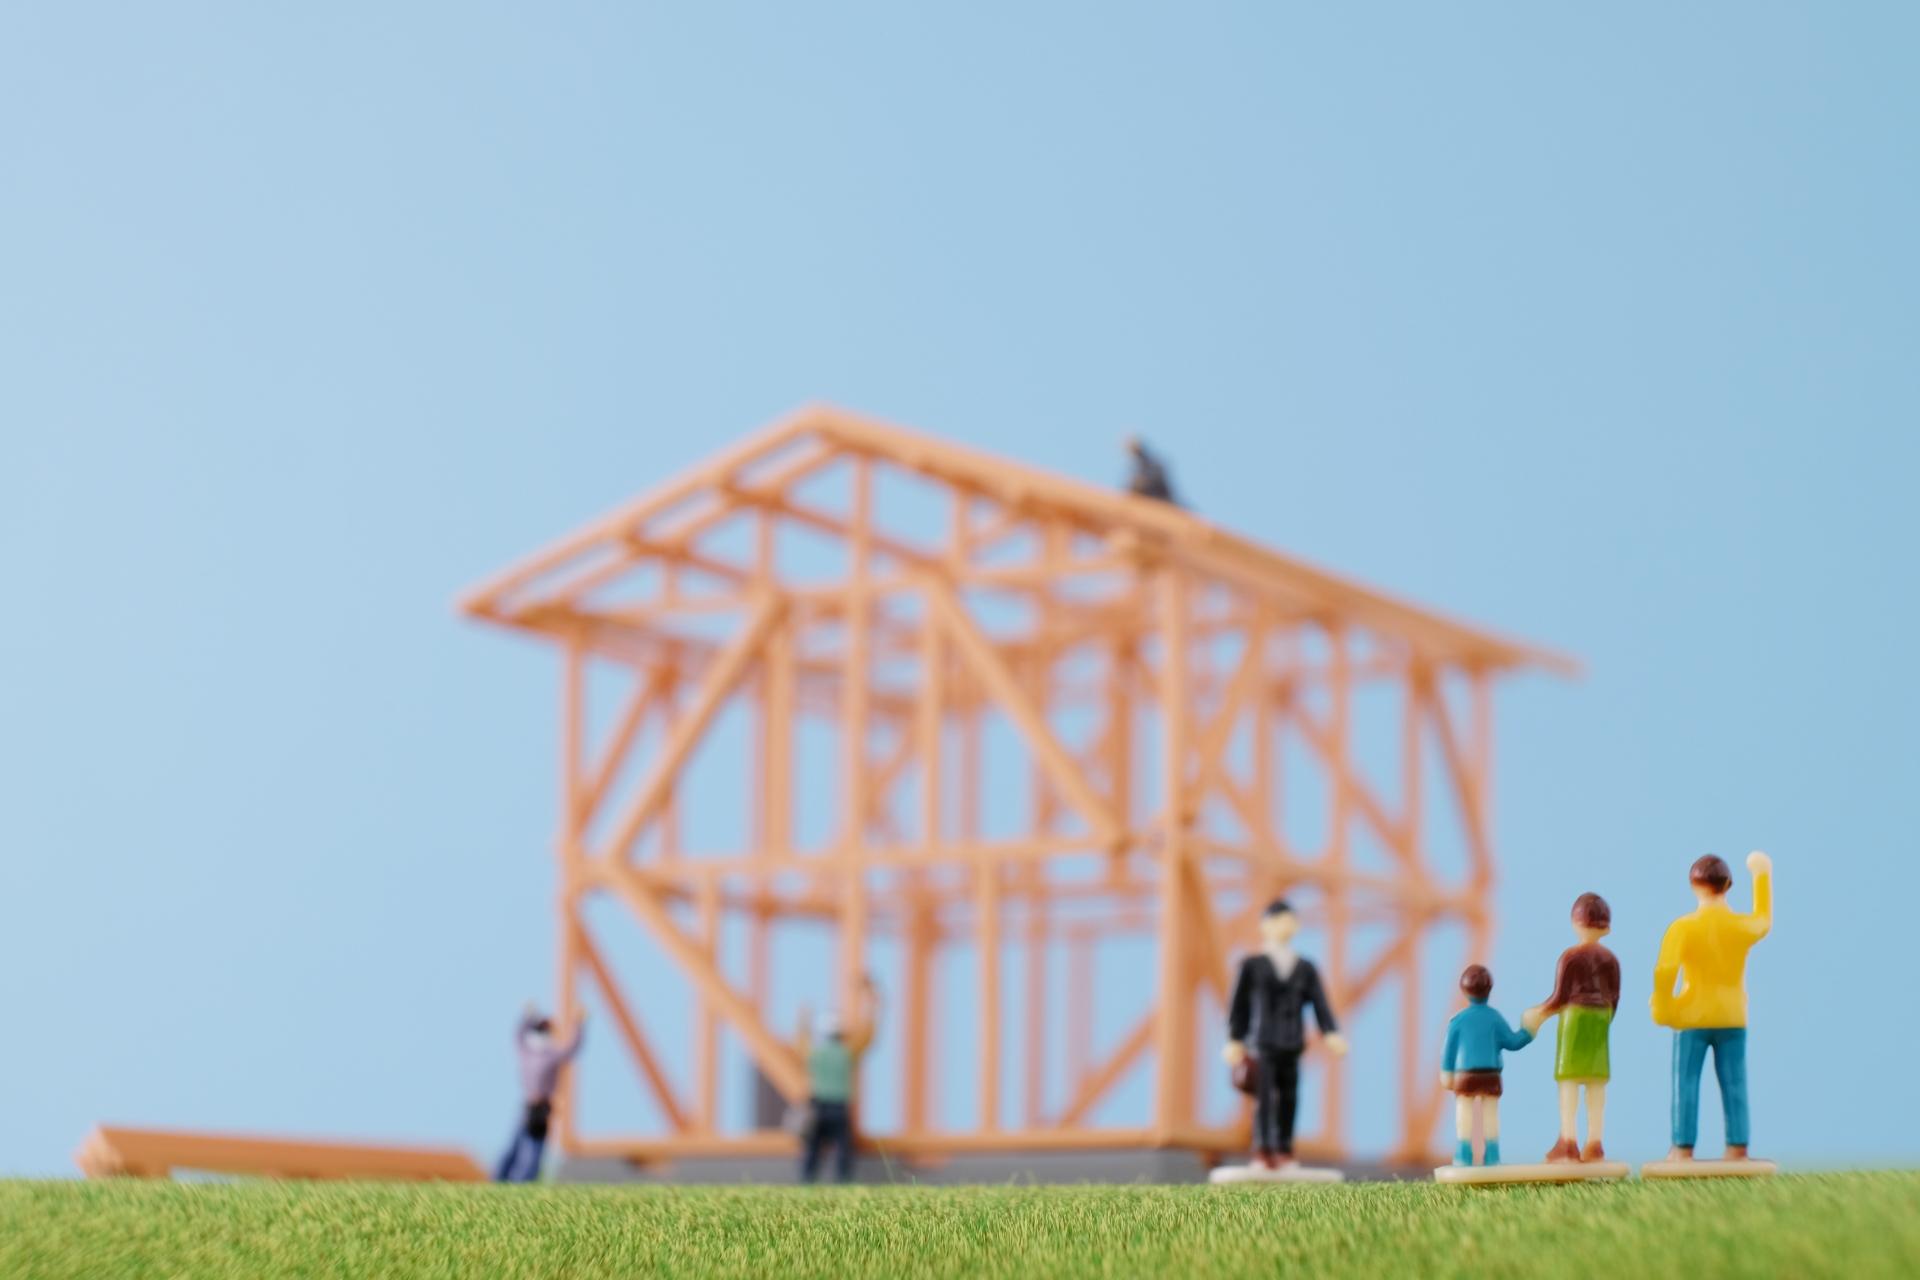 日本の木造住宅は寿命が短いというのは誤解なのか